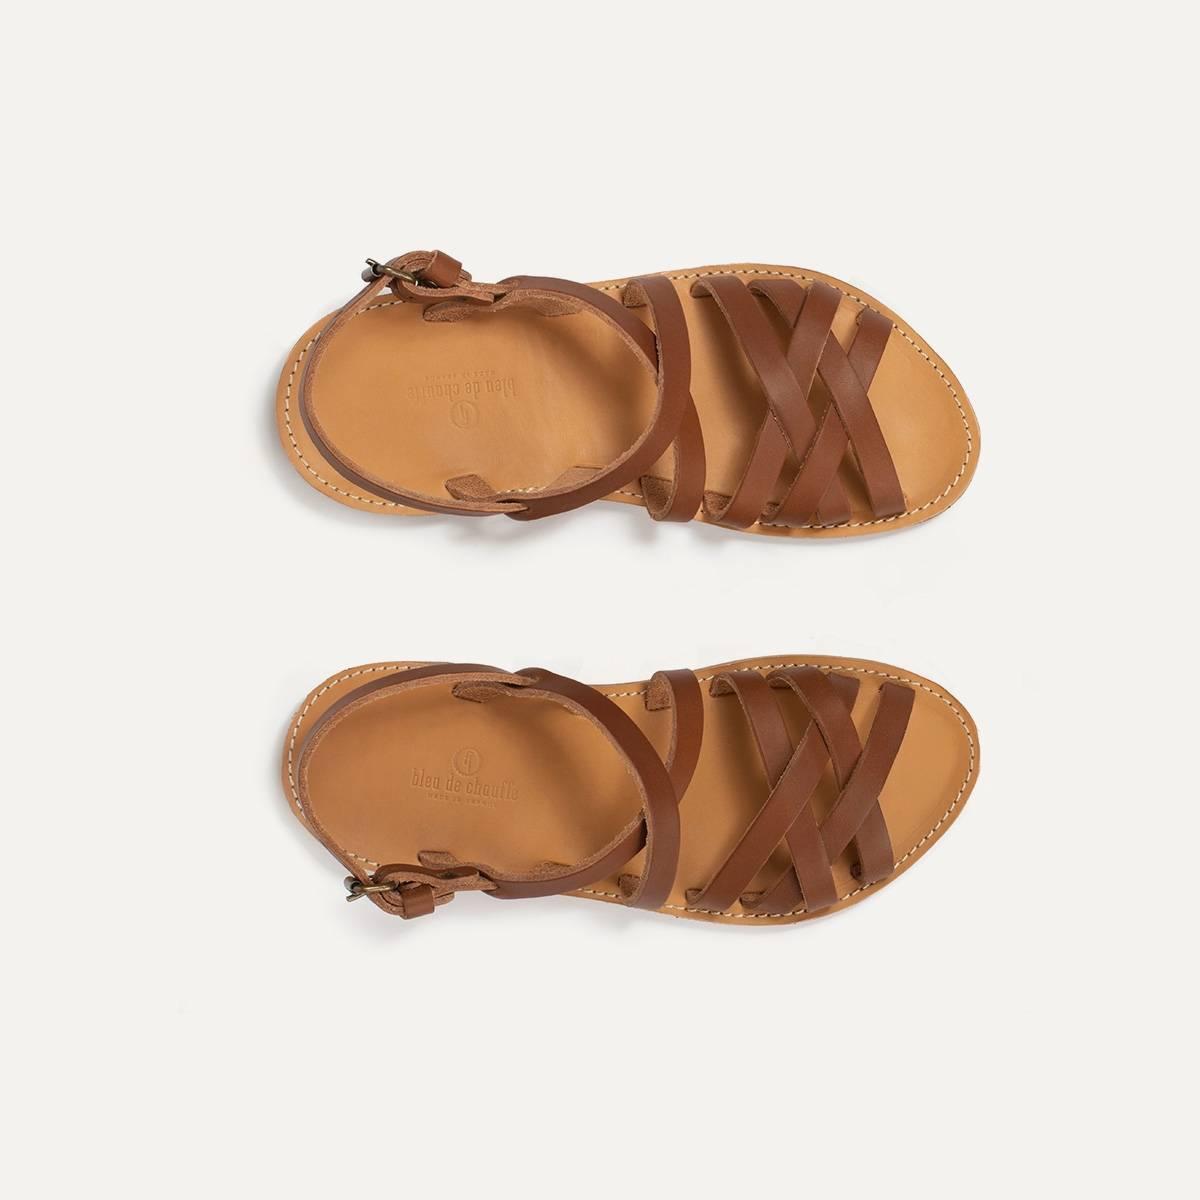 Majour leather sandals - Pain Brûlé (image n°1)